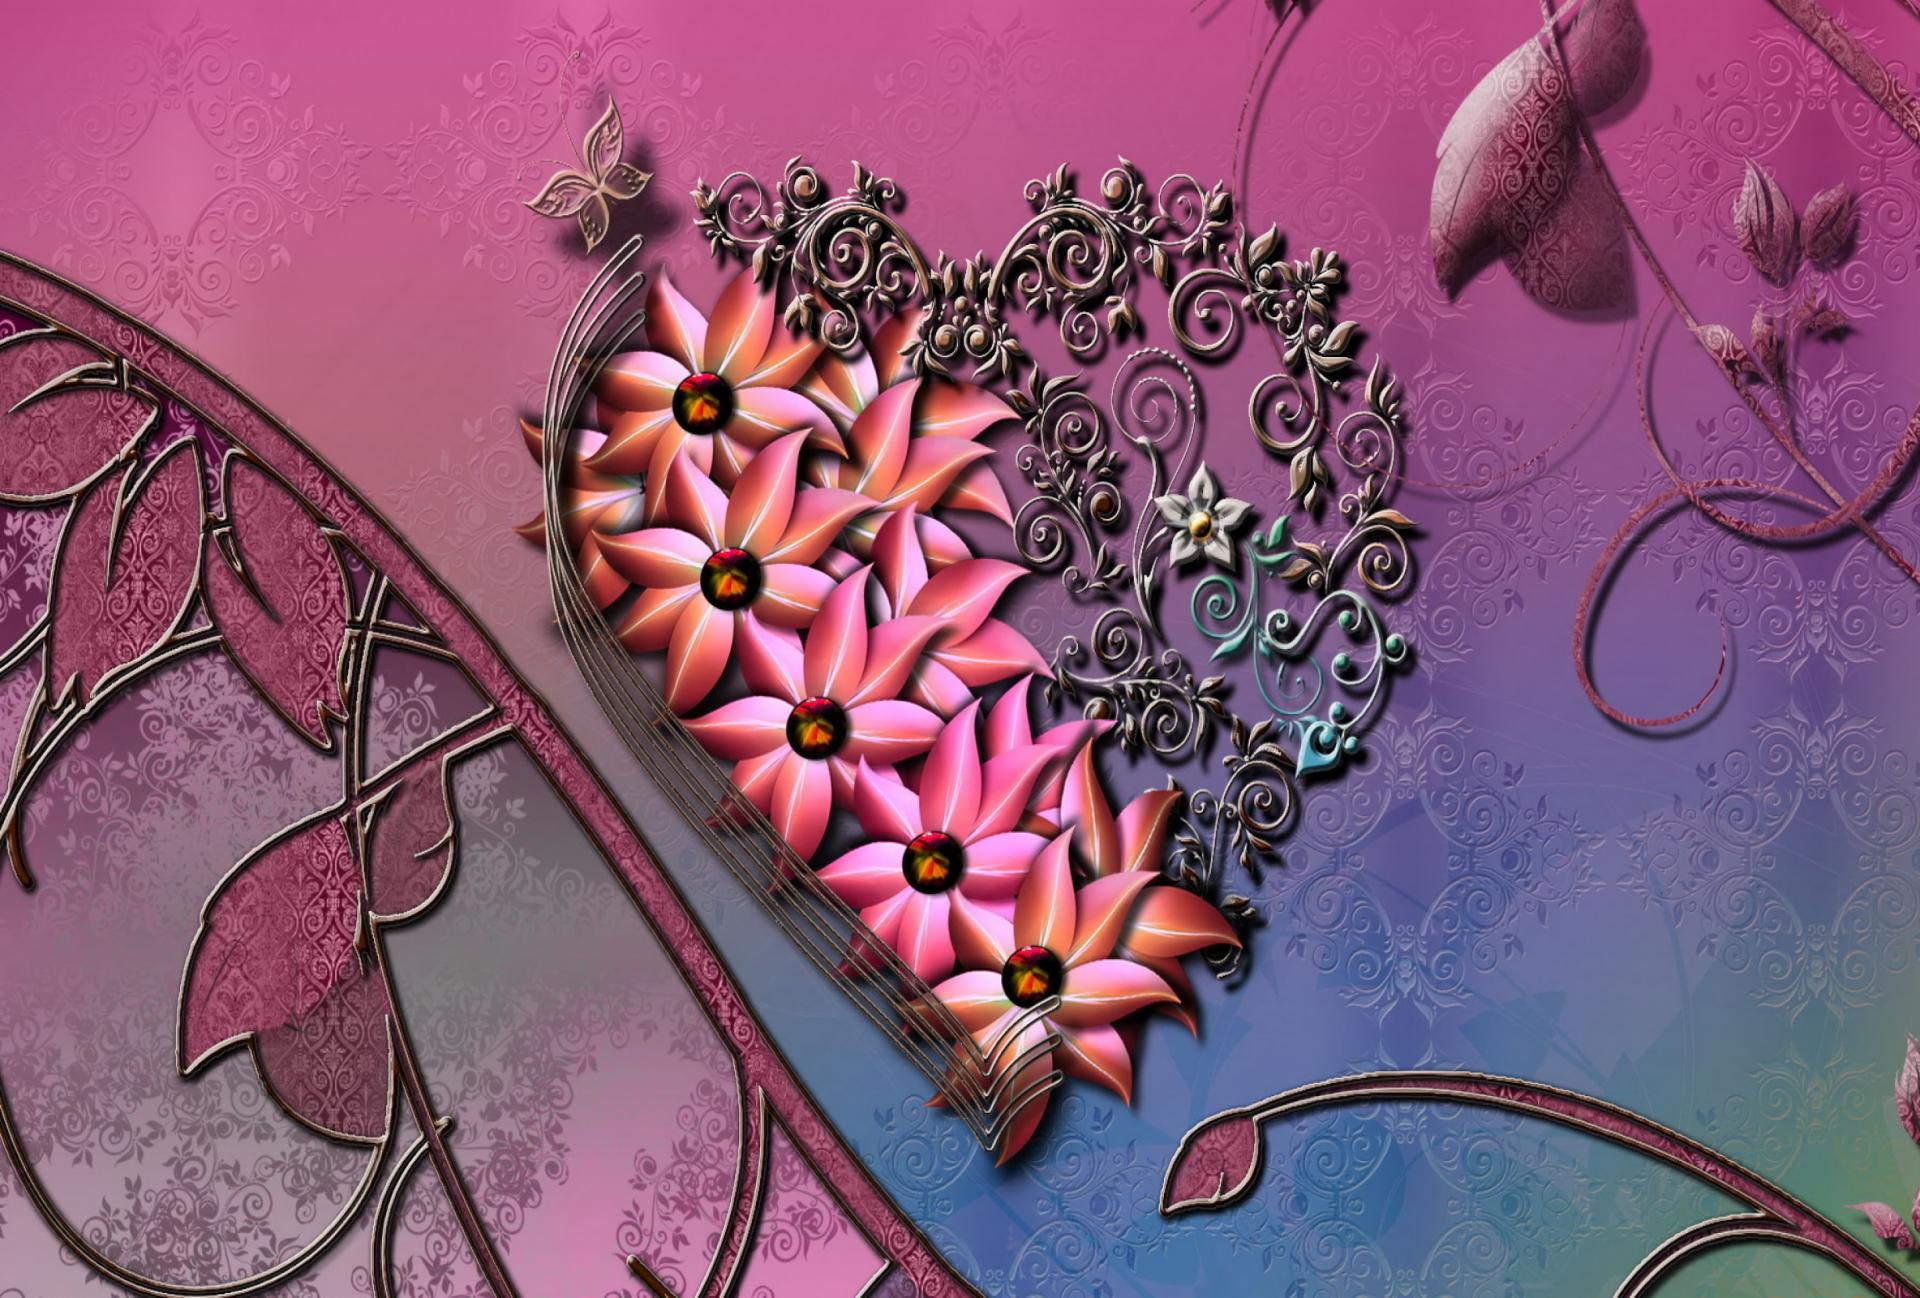 Artistic - Heart  Artistic Flower Pink Wallpaper